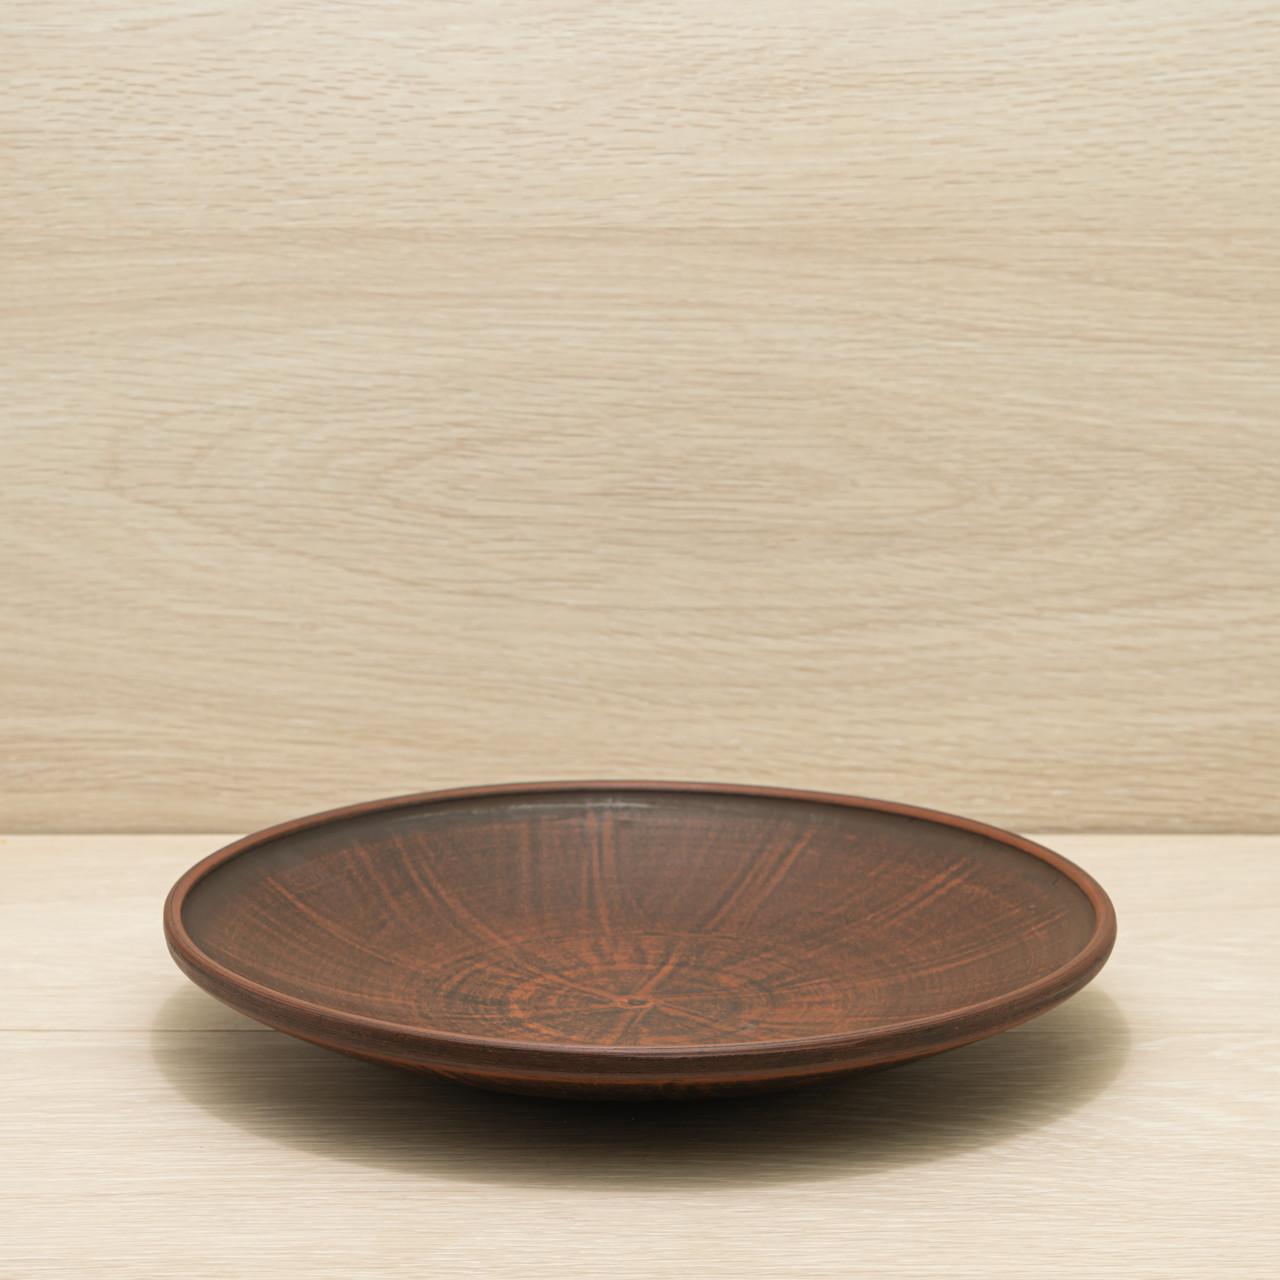 Тарелка средняя из красной глины, диаметр 25см